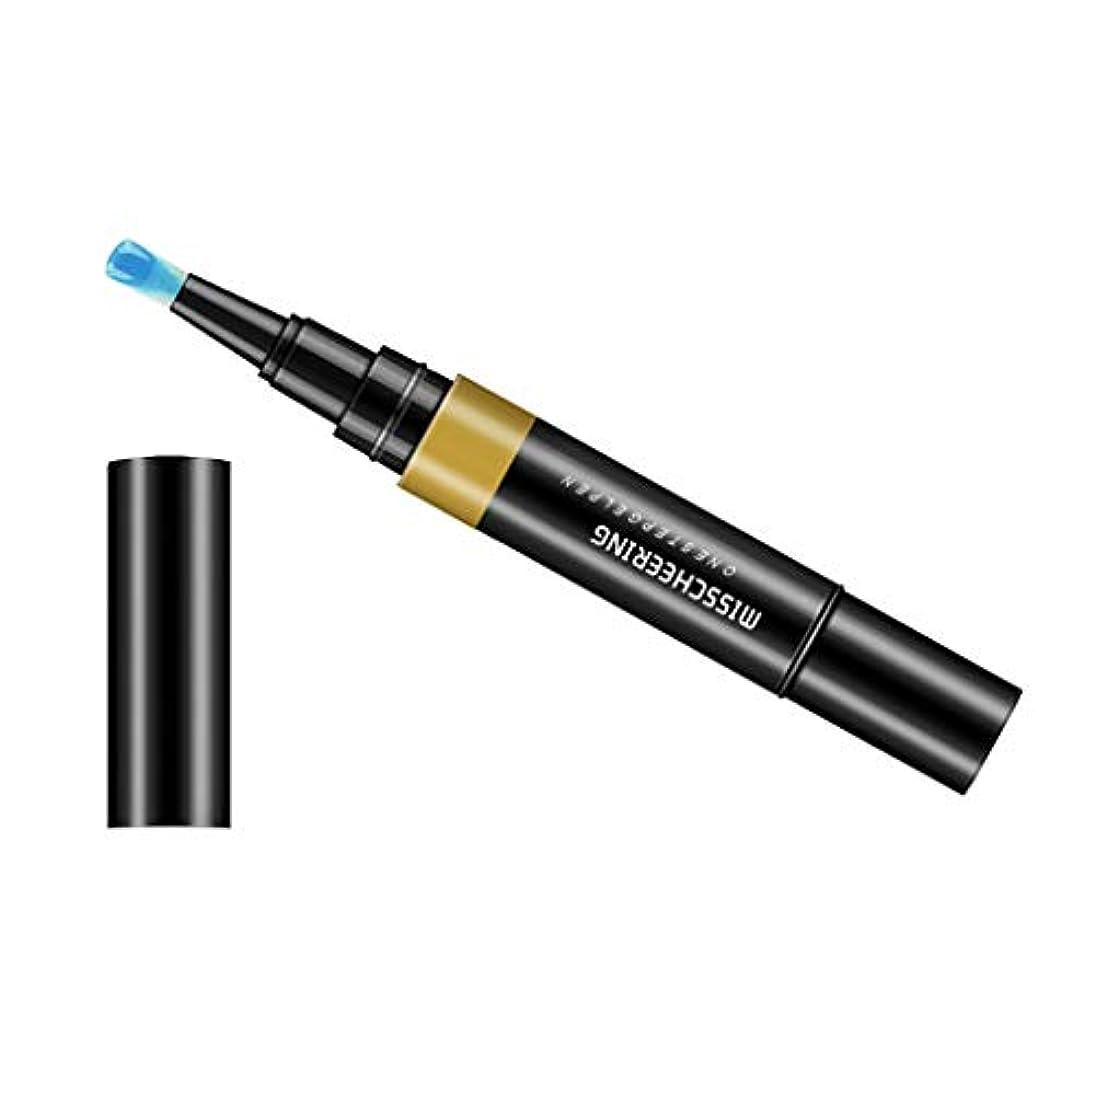 憂鬱ベリ同級生CUTICATE ネイルアートペン マニキュアペン セルフネイル 3 イン 1 カラージェル ネイルデザイン ジェルネイル - ブルー